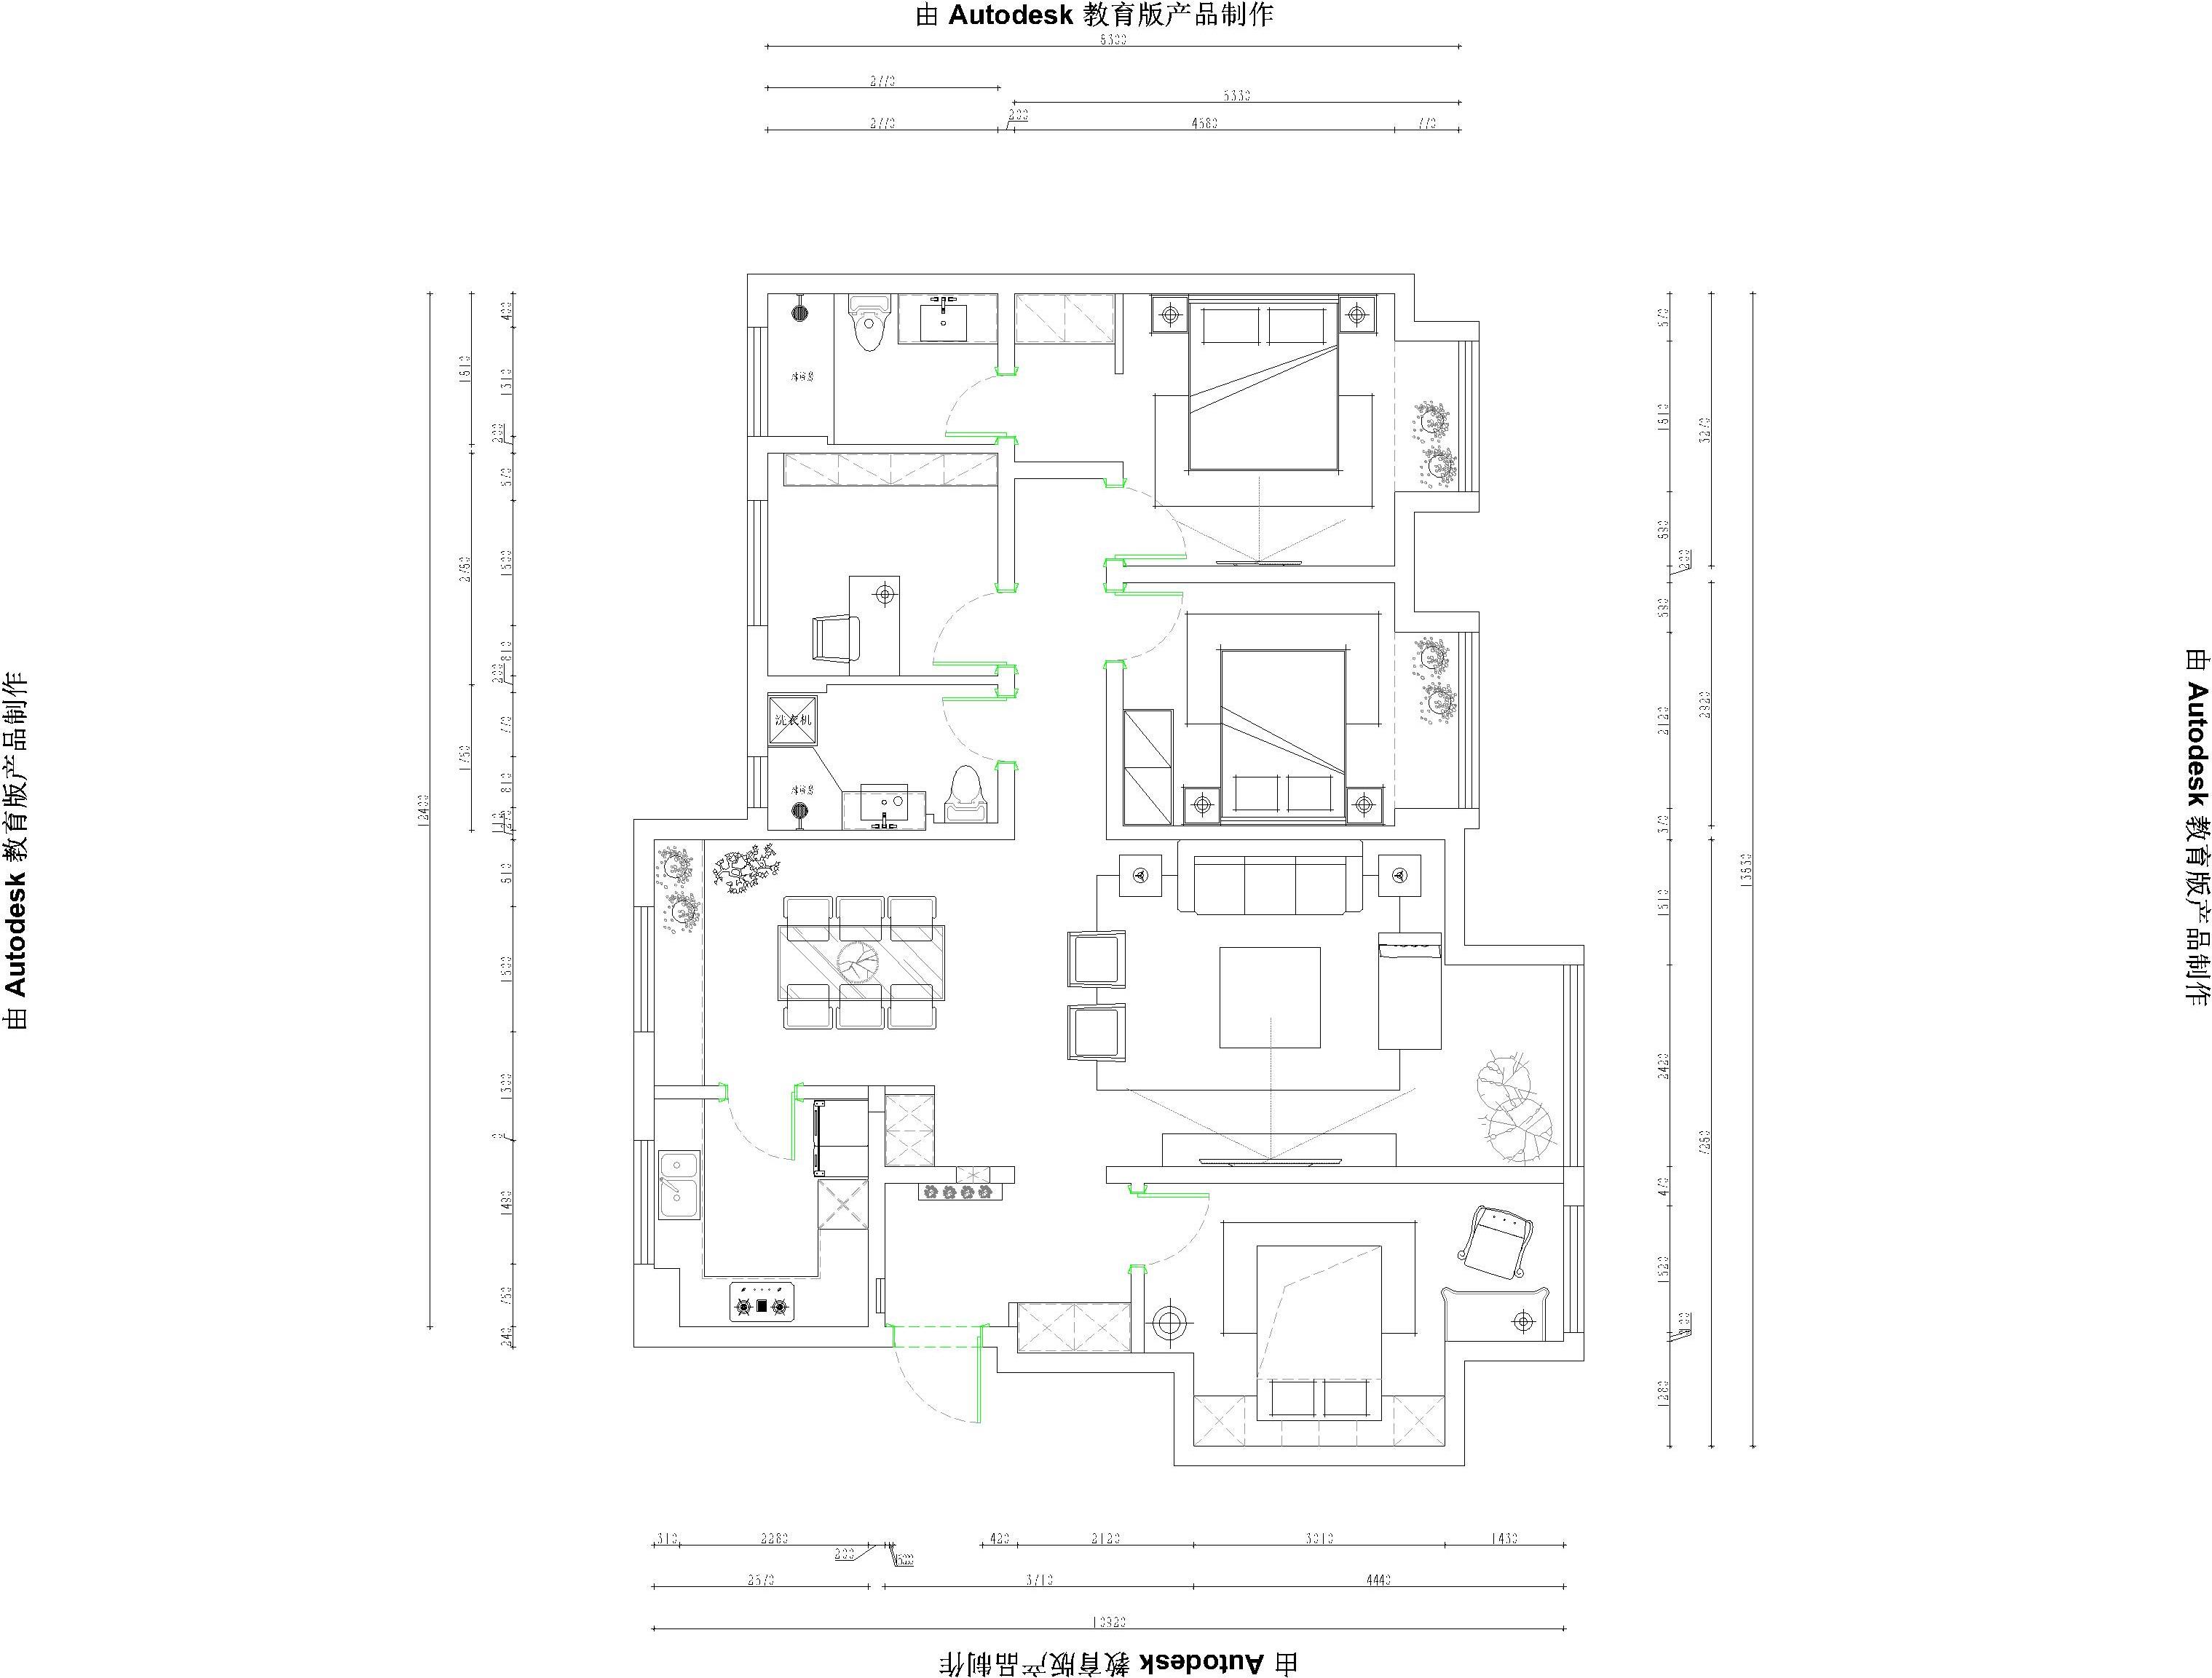 新华联悦澜湾-新中式性状style-145m/2装潢策划愿景